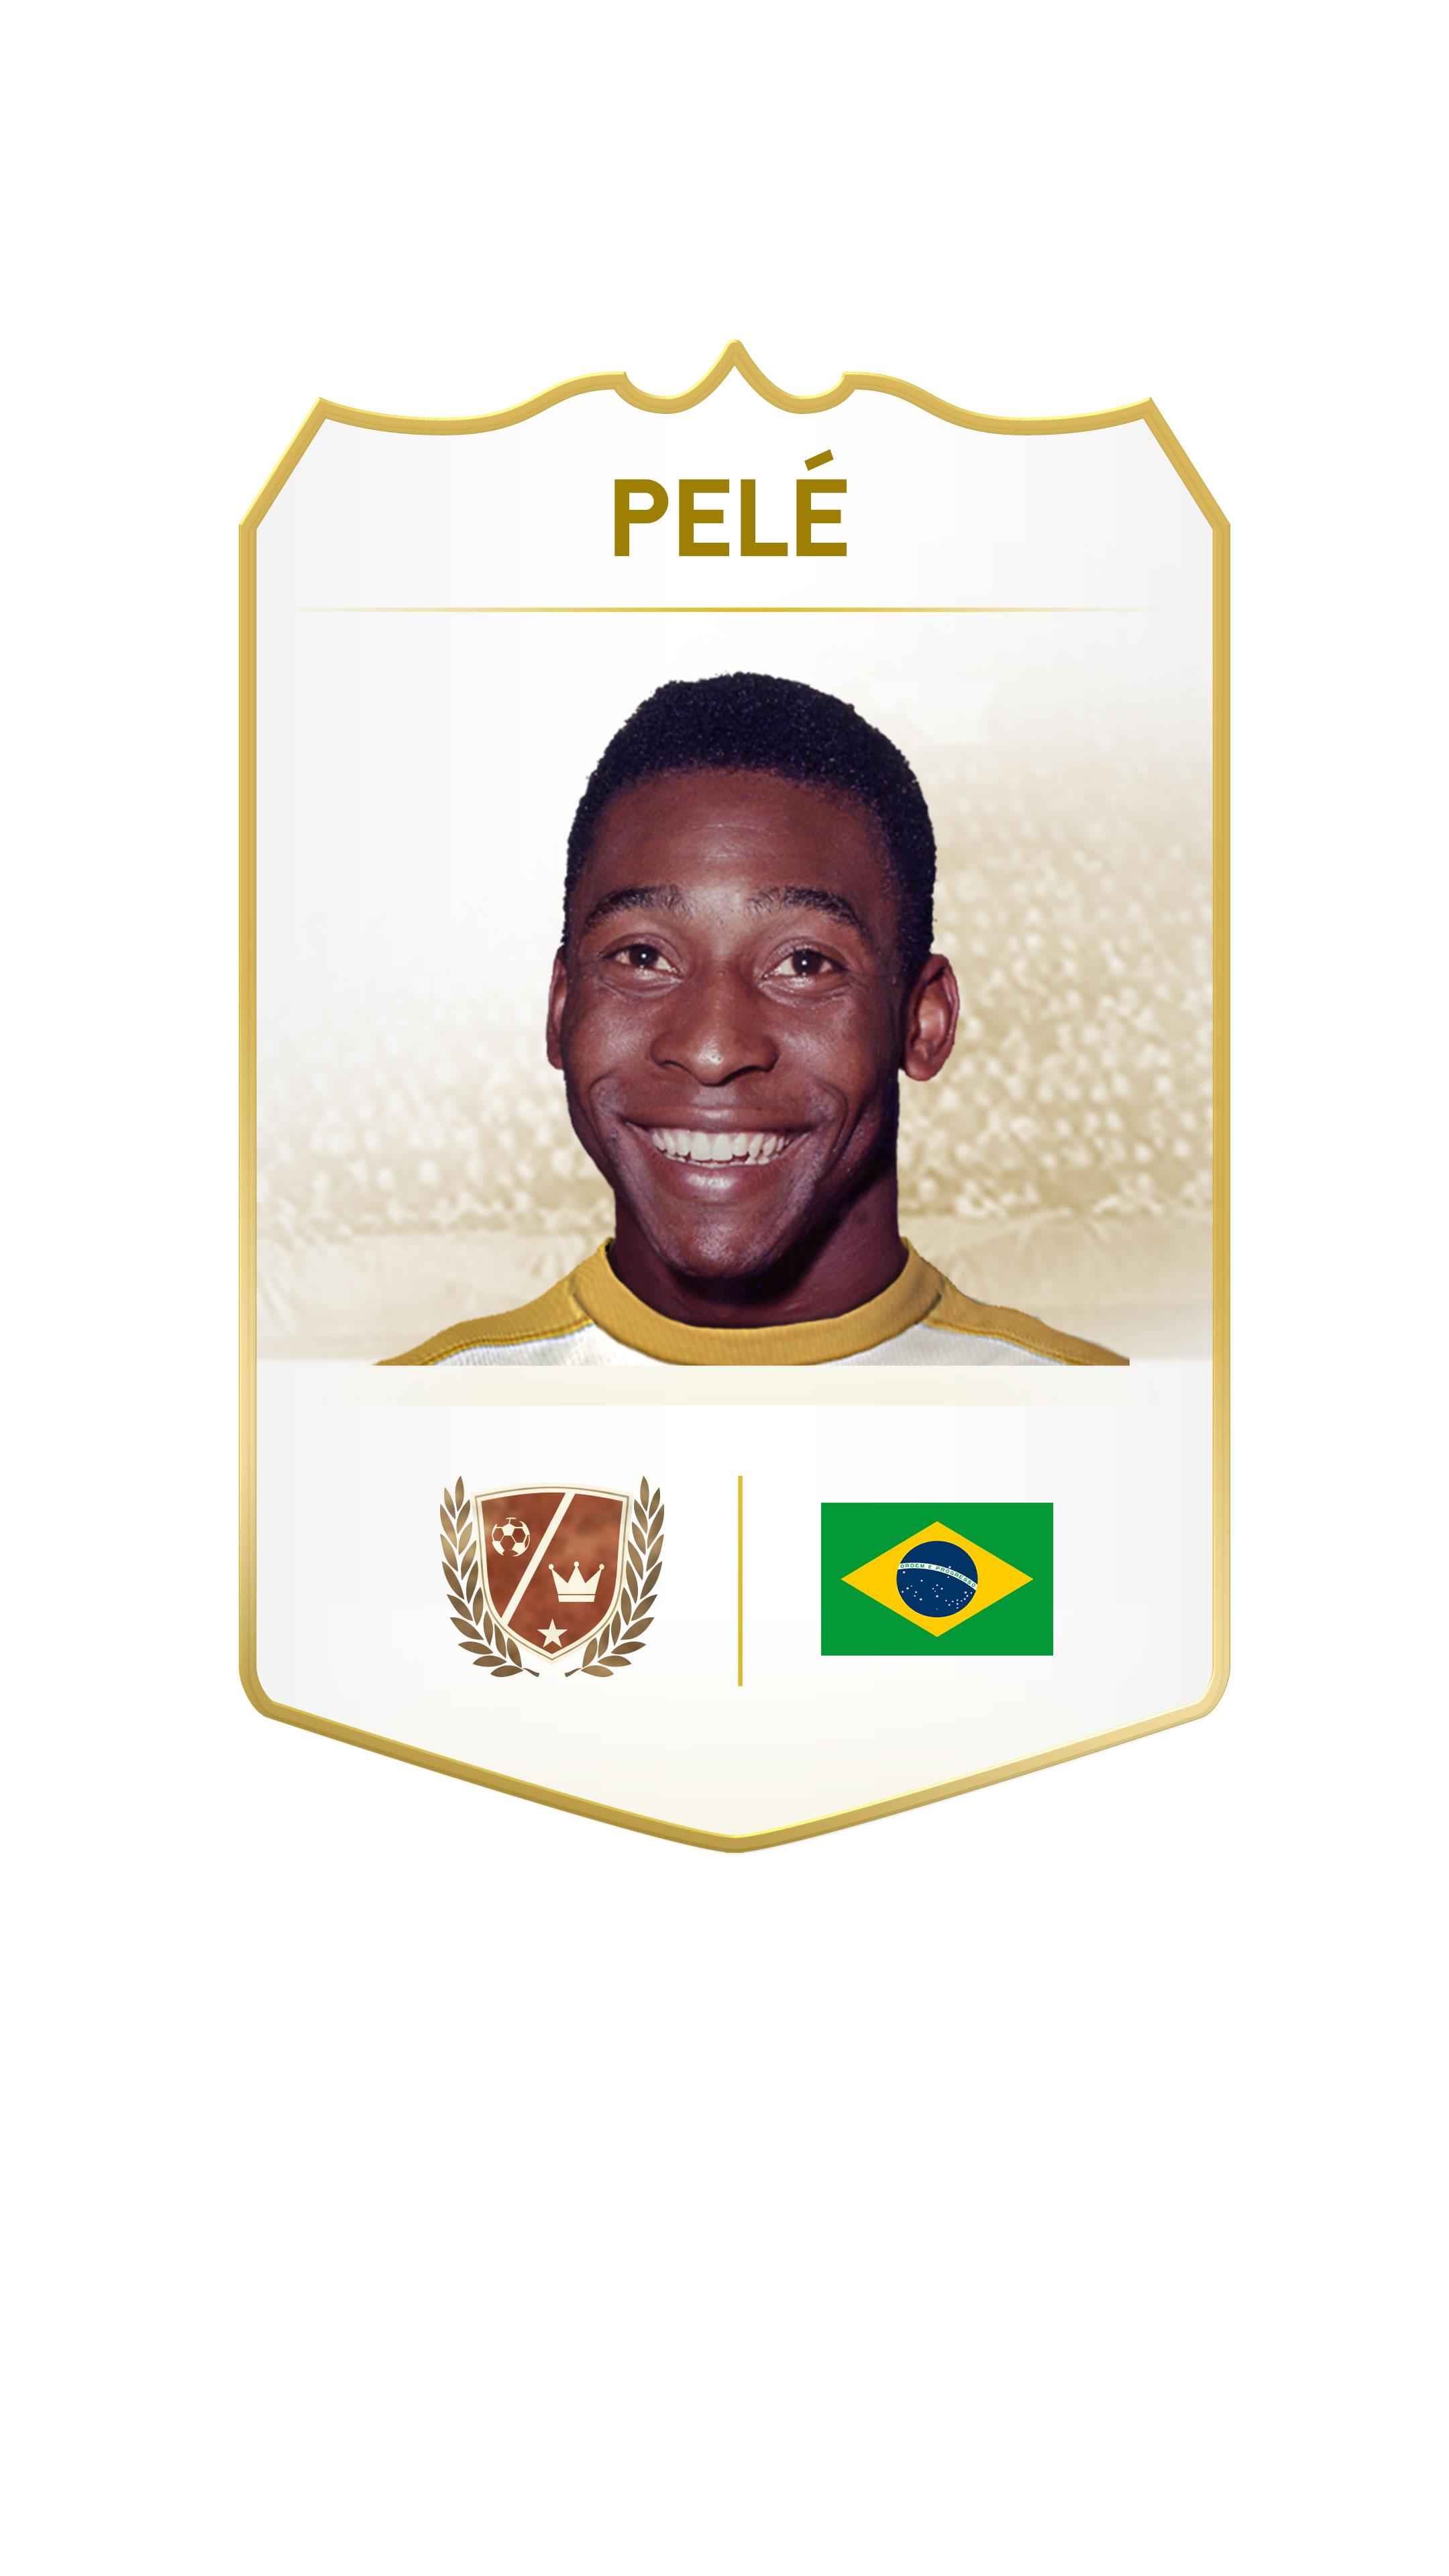 Obrázky z next-gen verze FIFA 14 ukazují FUT Legends a vymazlenější grafiku 89210